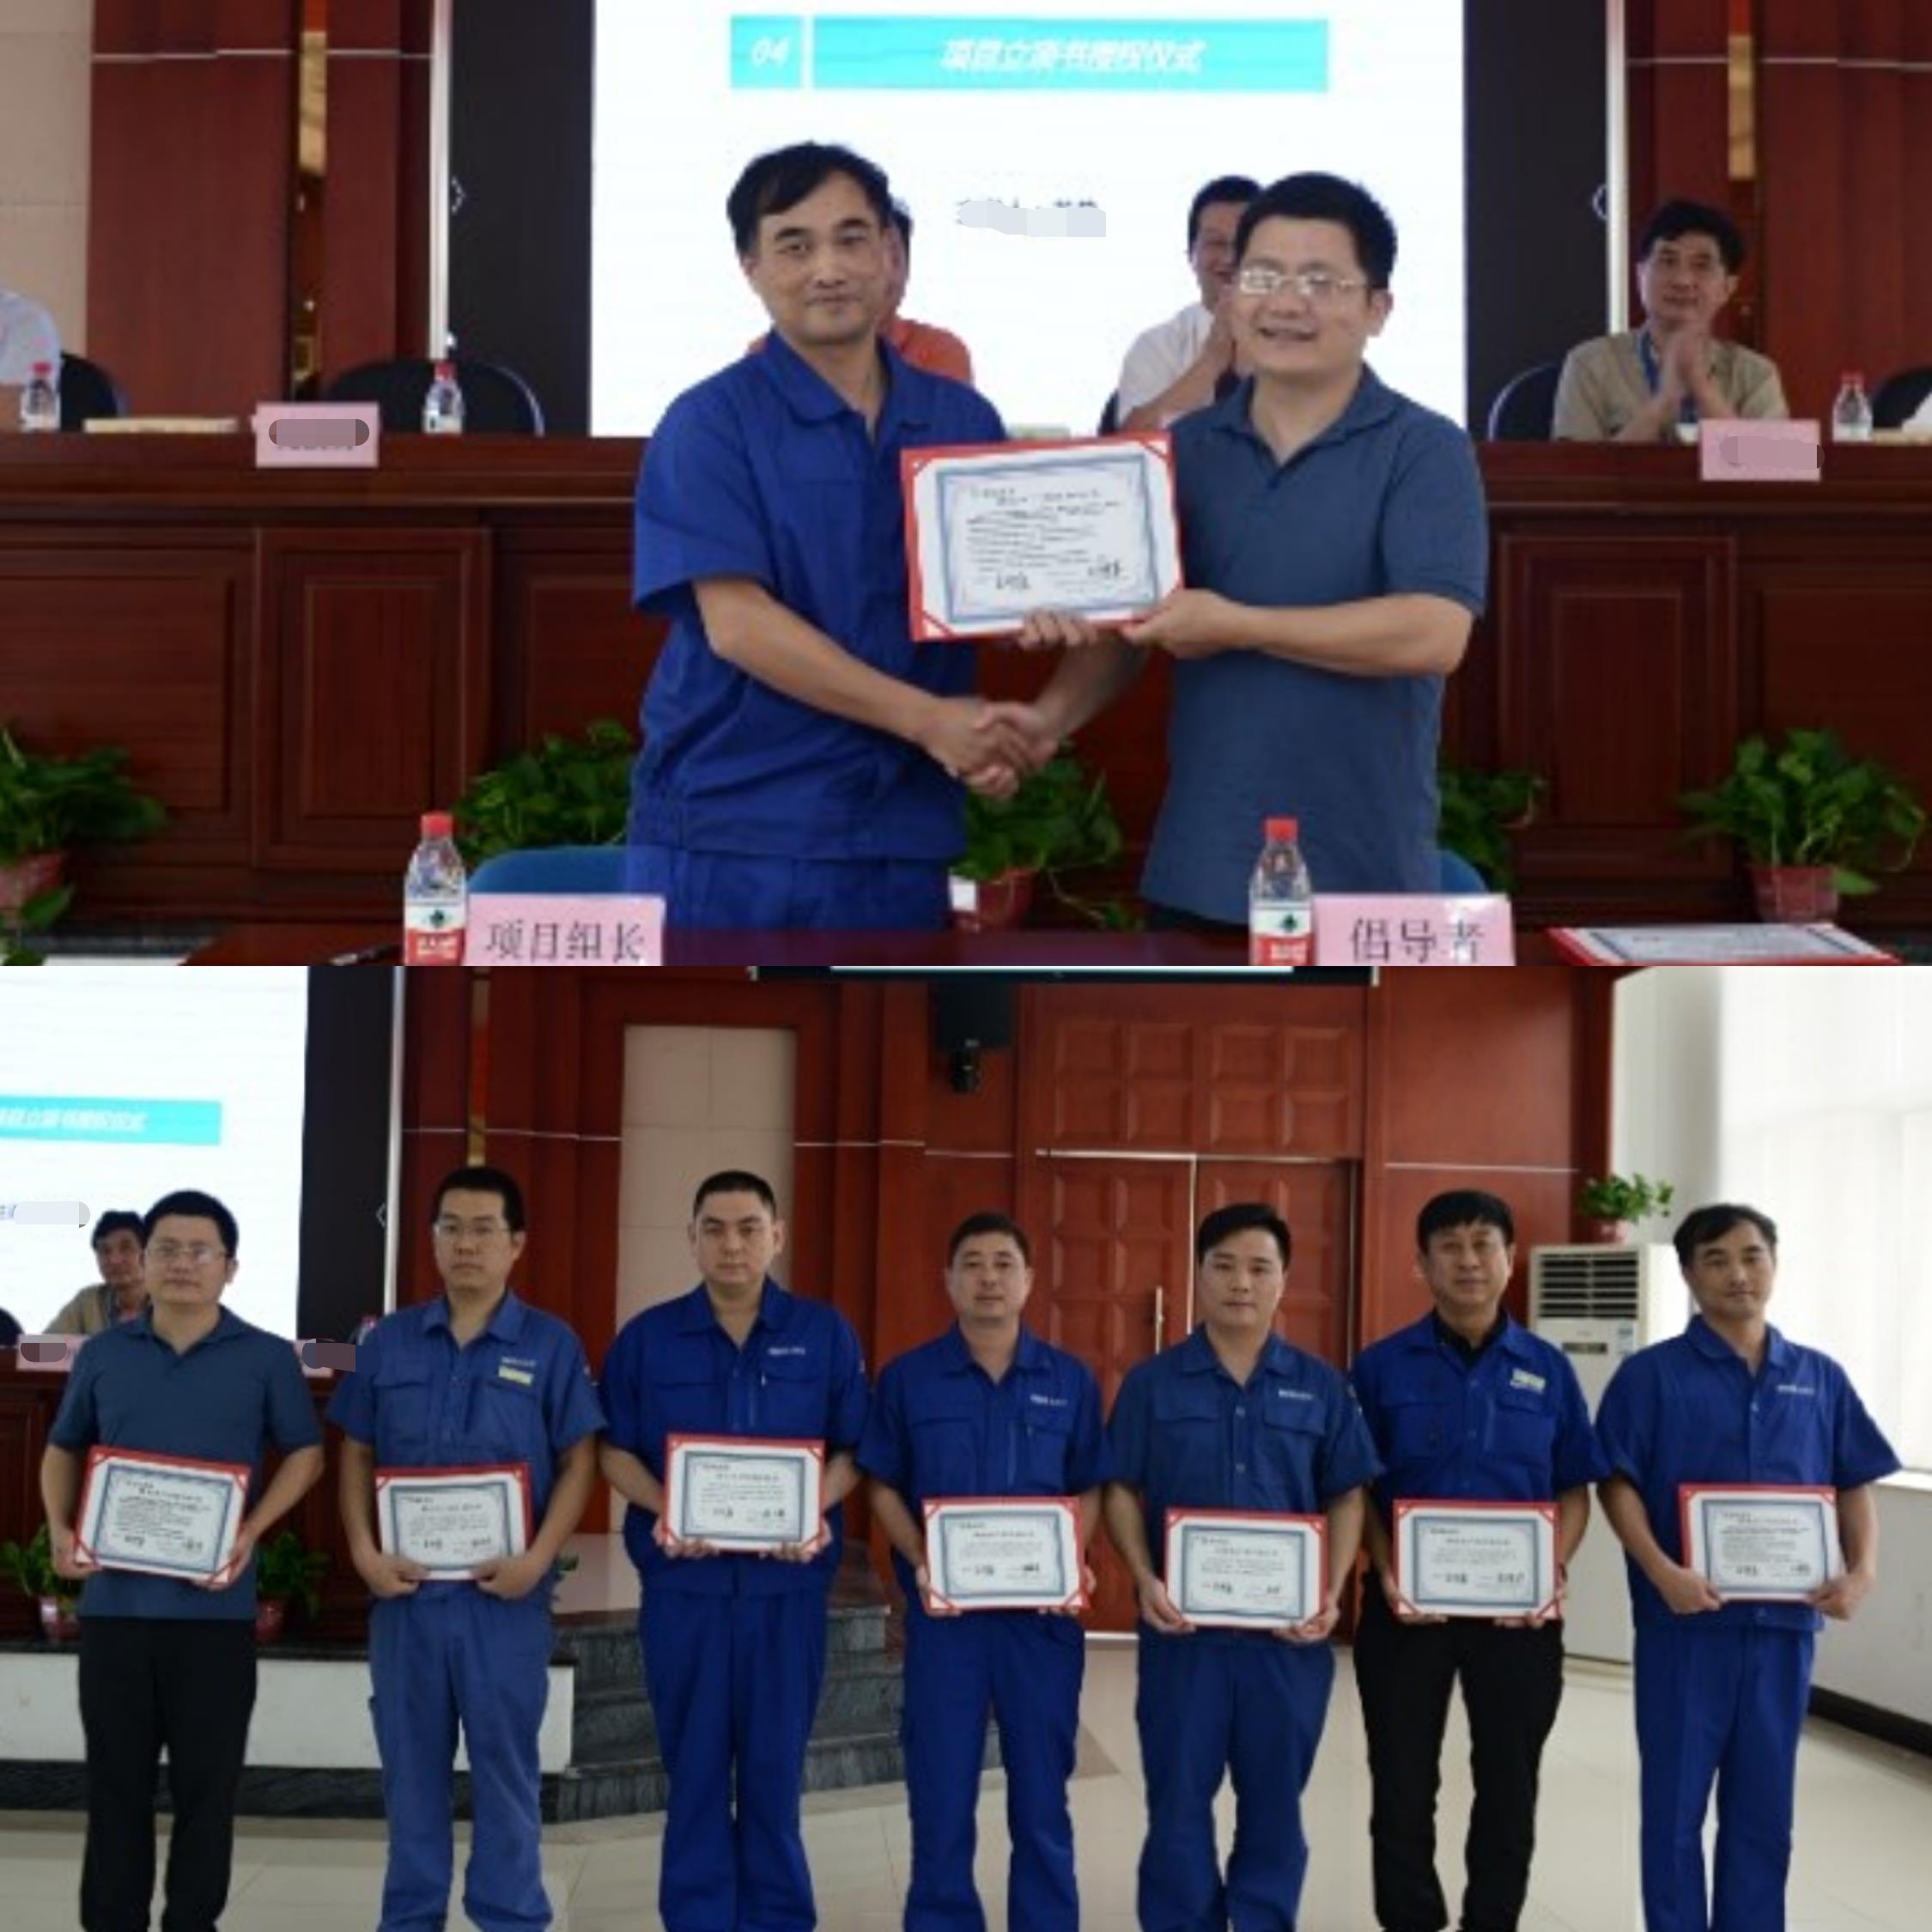 【咨询动态】湖南某冶金公司精益生产项目启动大会